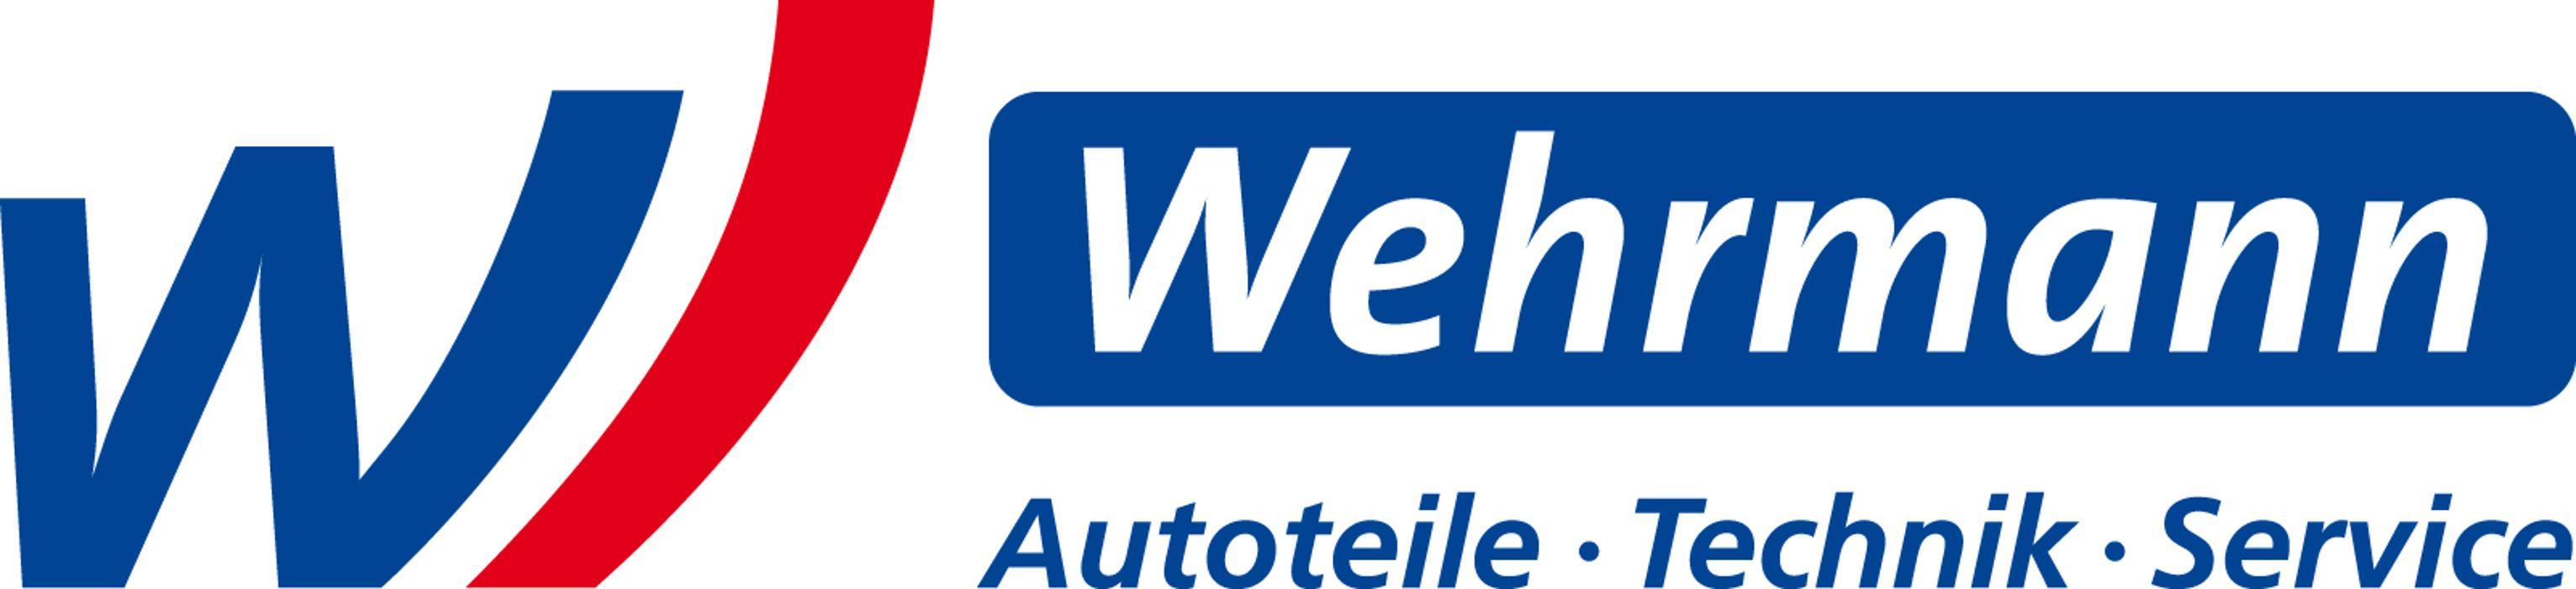 Bild zu Wehrmann GmbH in Augsburg